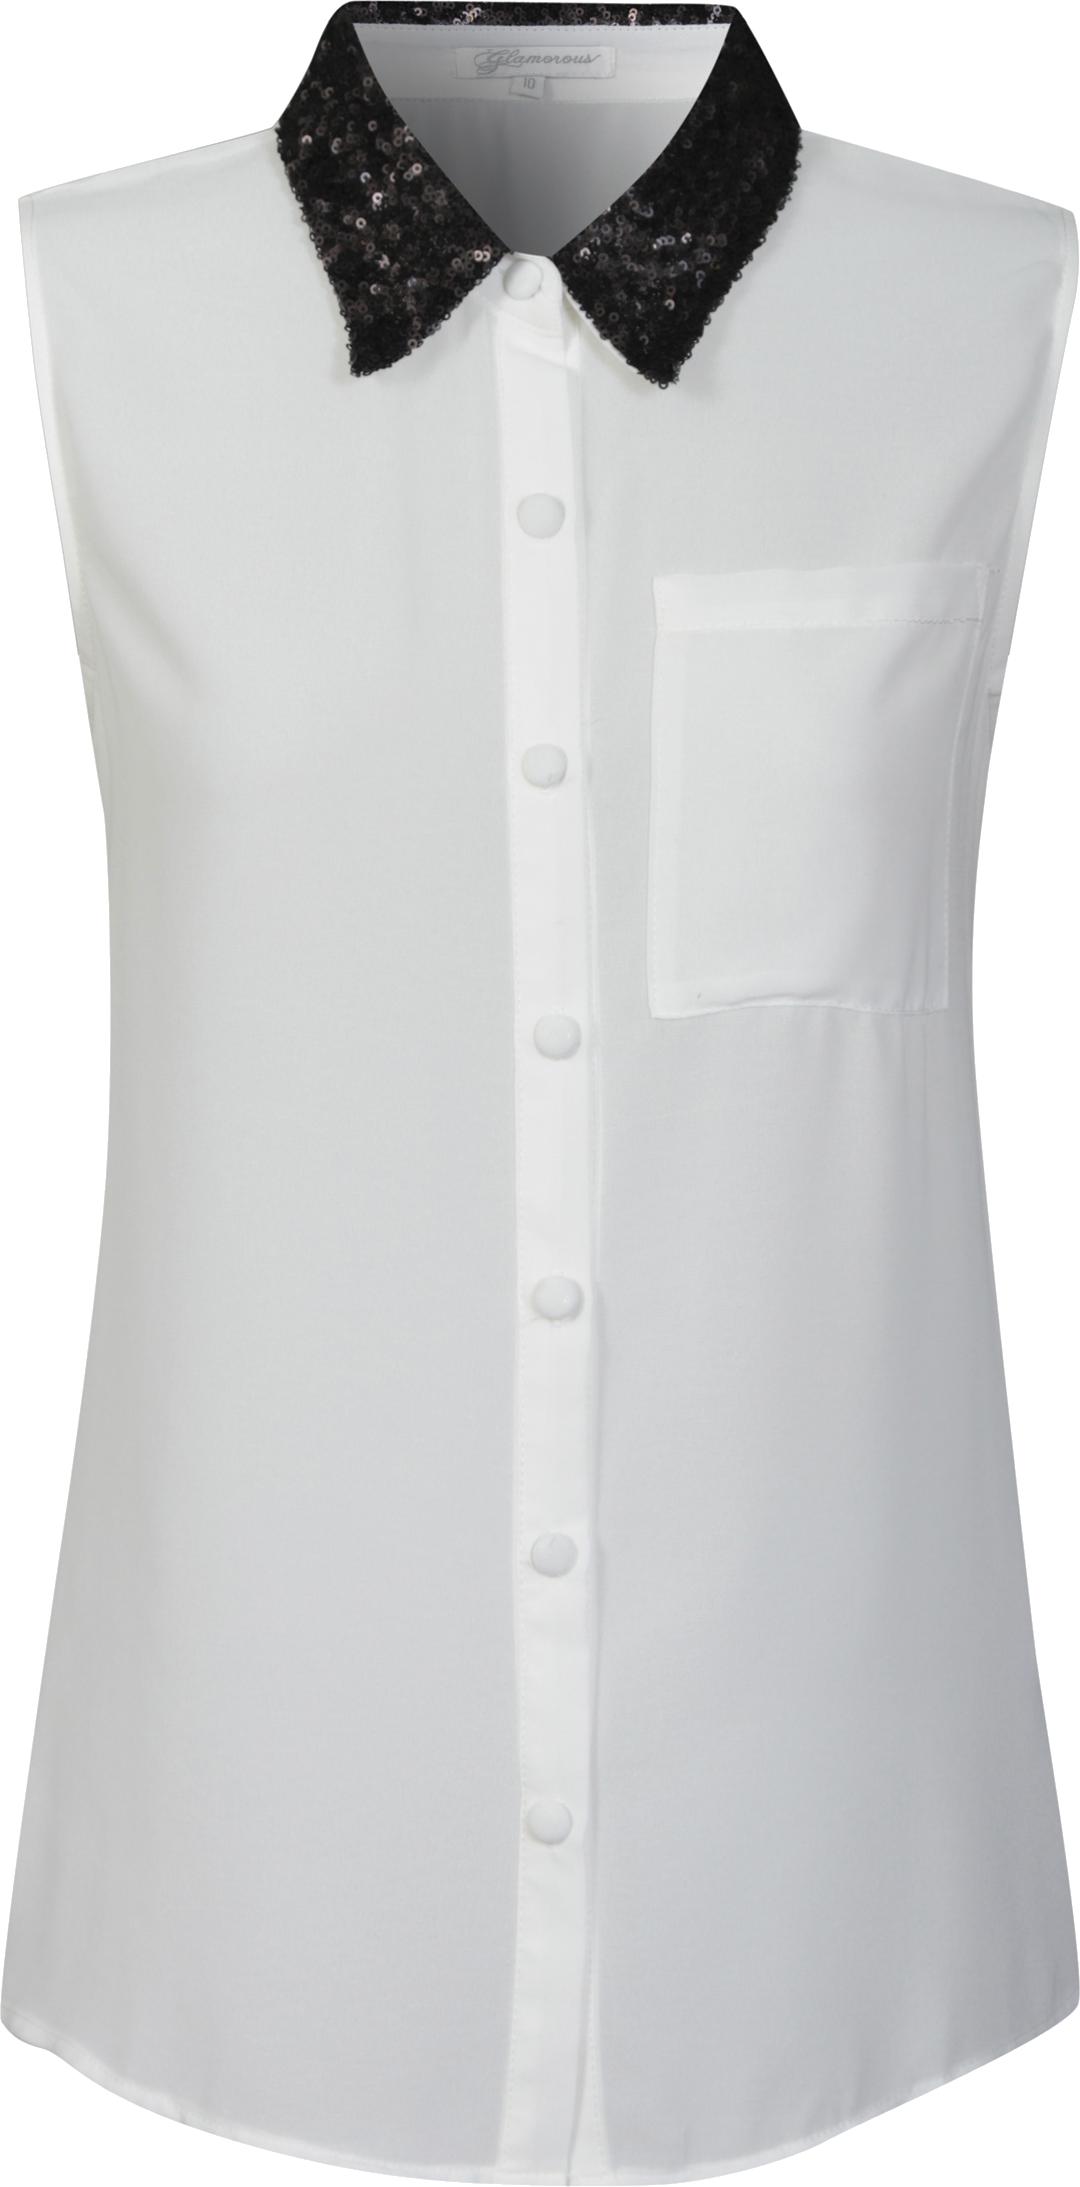 Biała koszula z czarnym kołnierzykiem